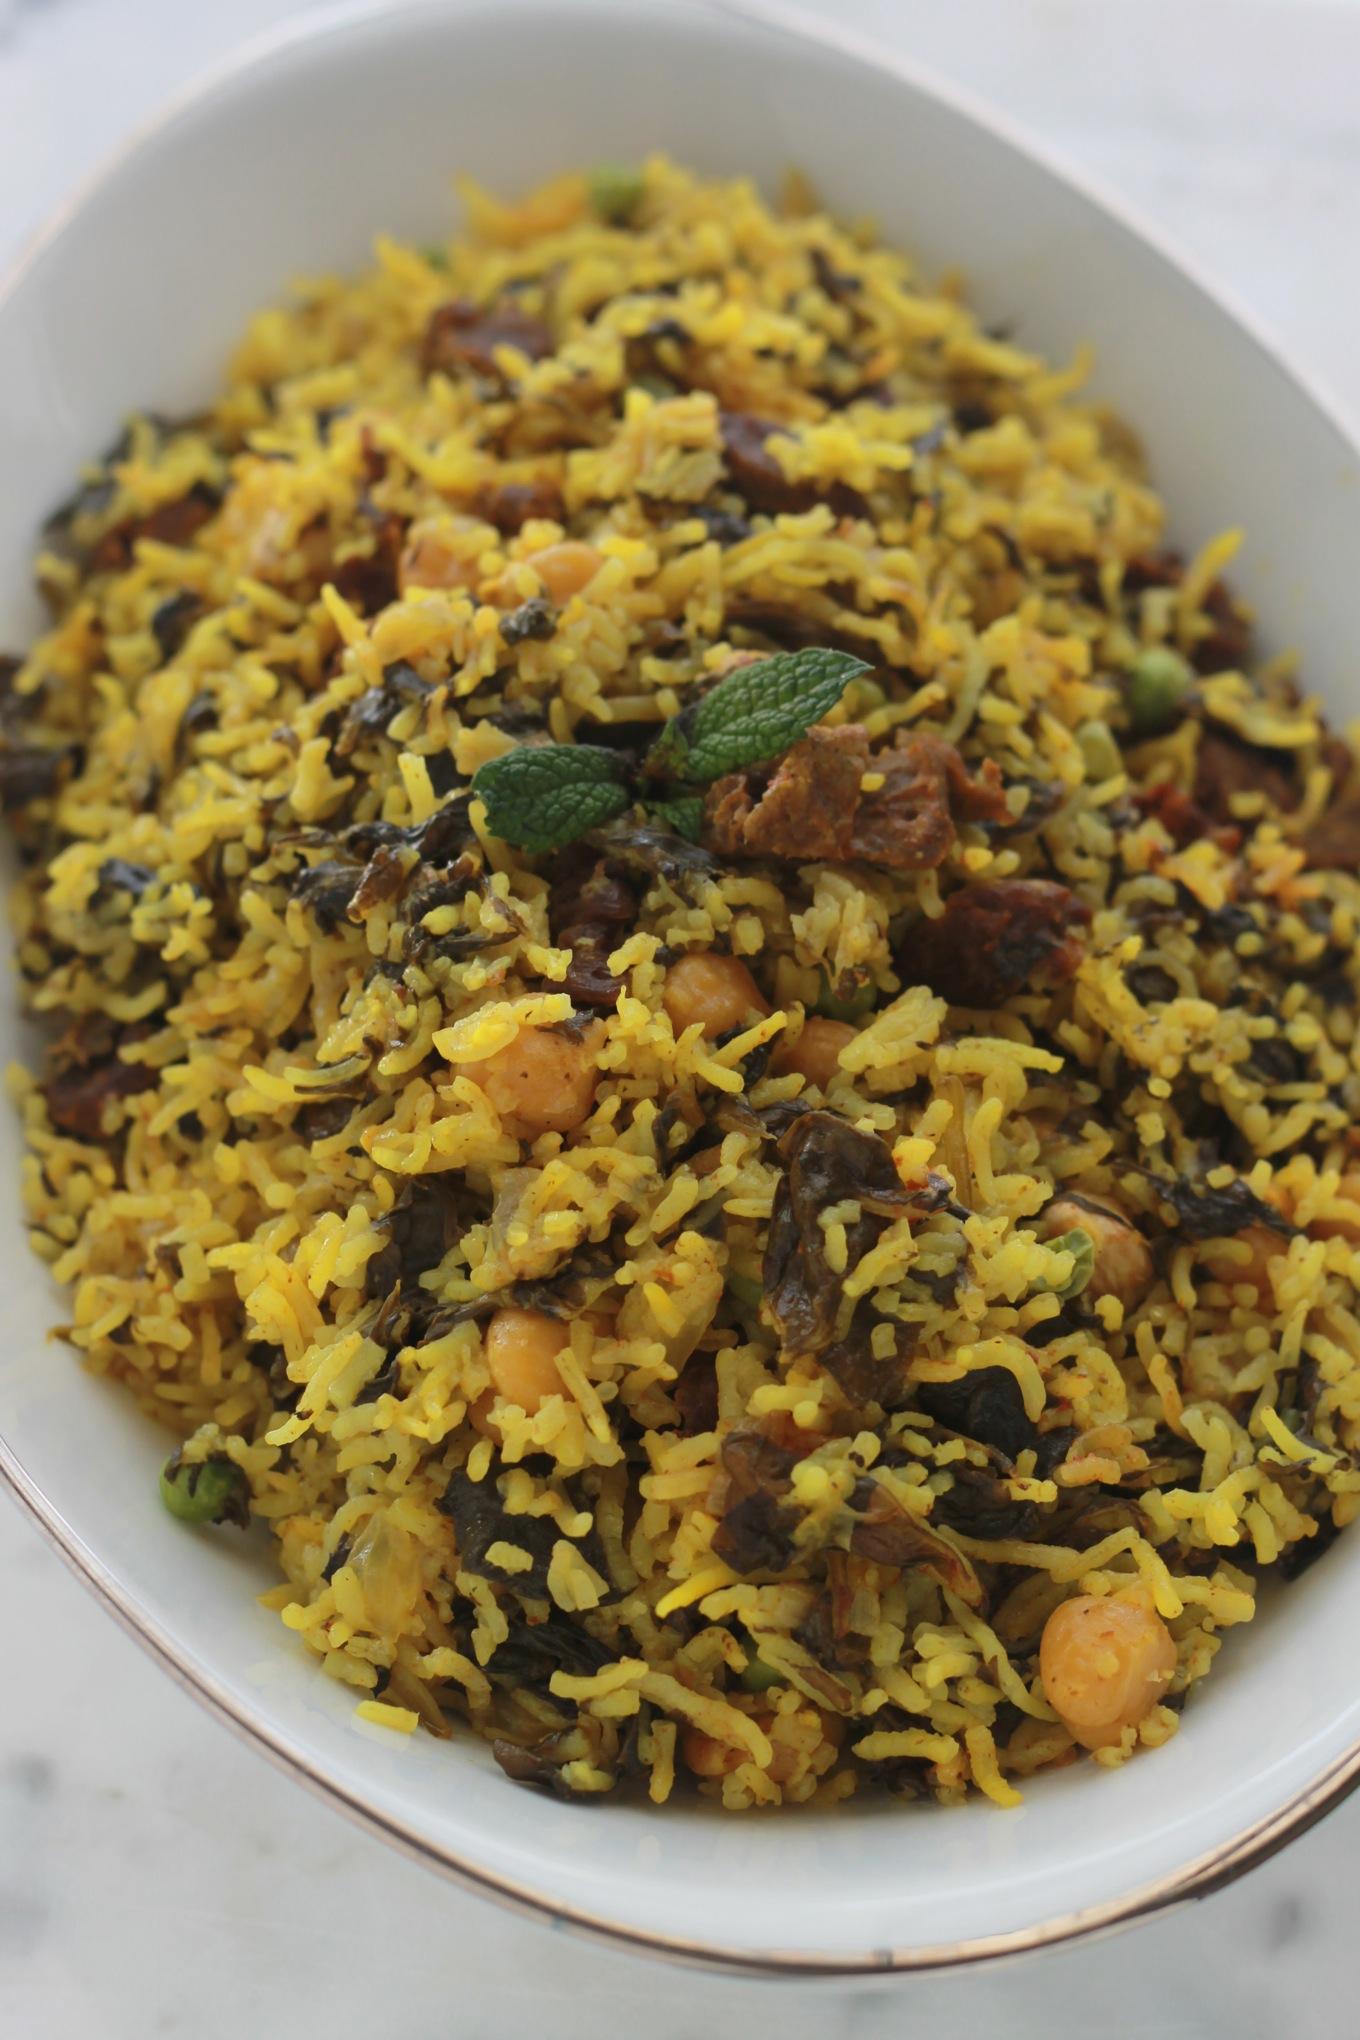 Riz djerbien ou Roz Djerbi tunisien. Un plat complet, délicieux, rapide et facile : du riz cuit à la vapeur avec des épinards, de la viande et/ou des abats comme le foie, des pois chiches et autres légumes./ cuisineculinaire.com